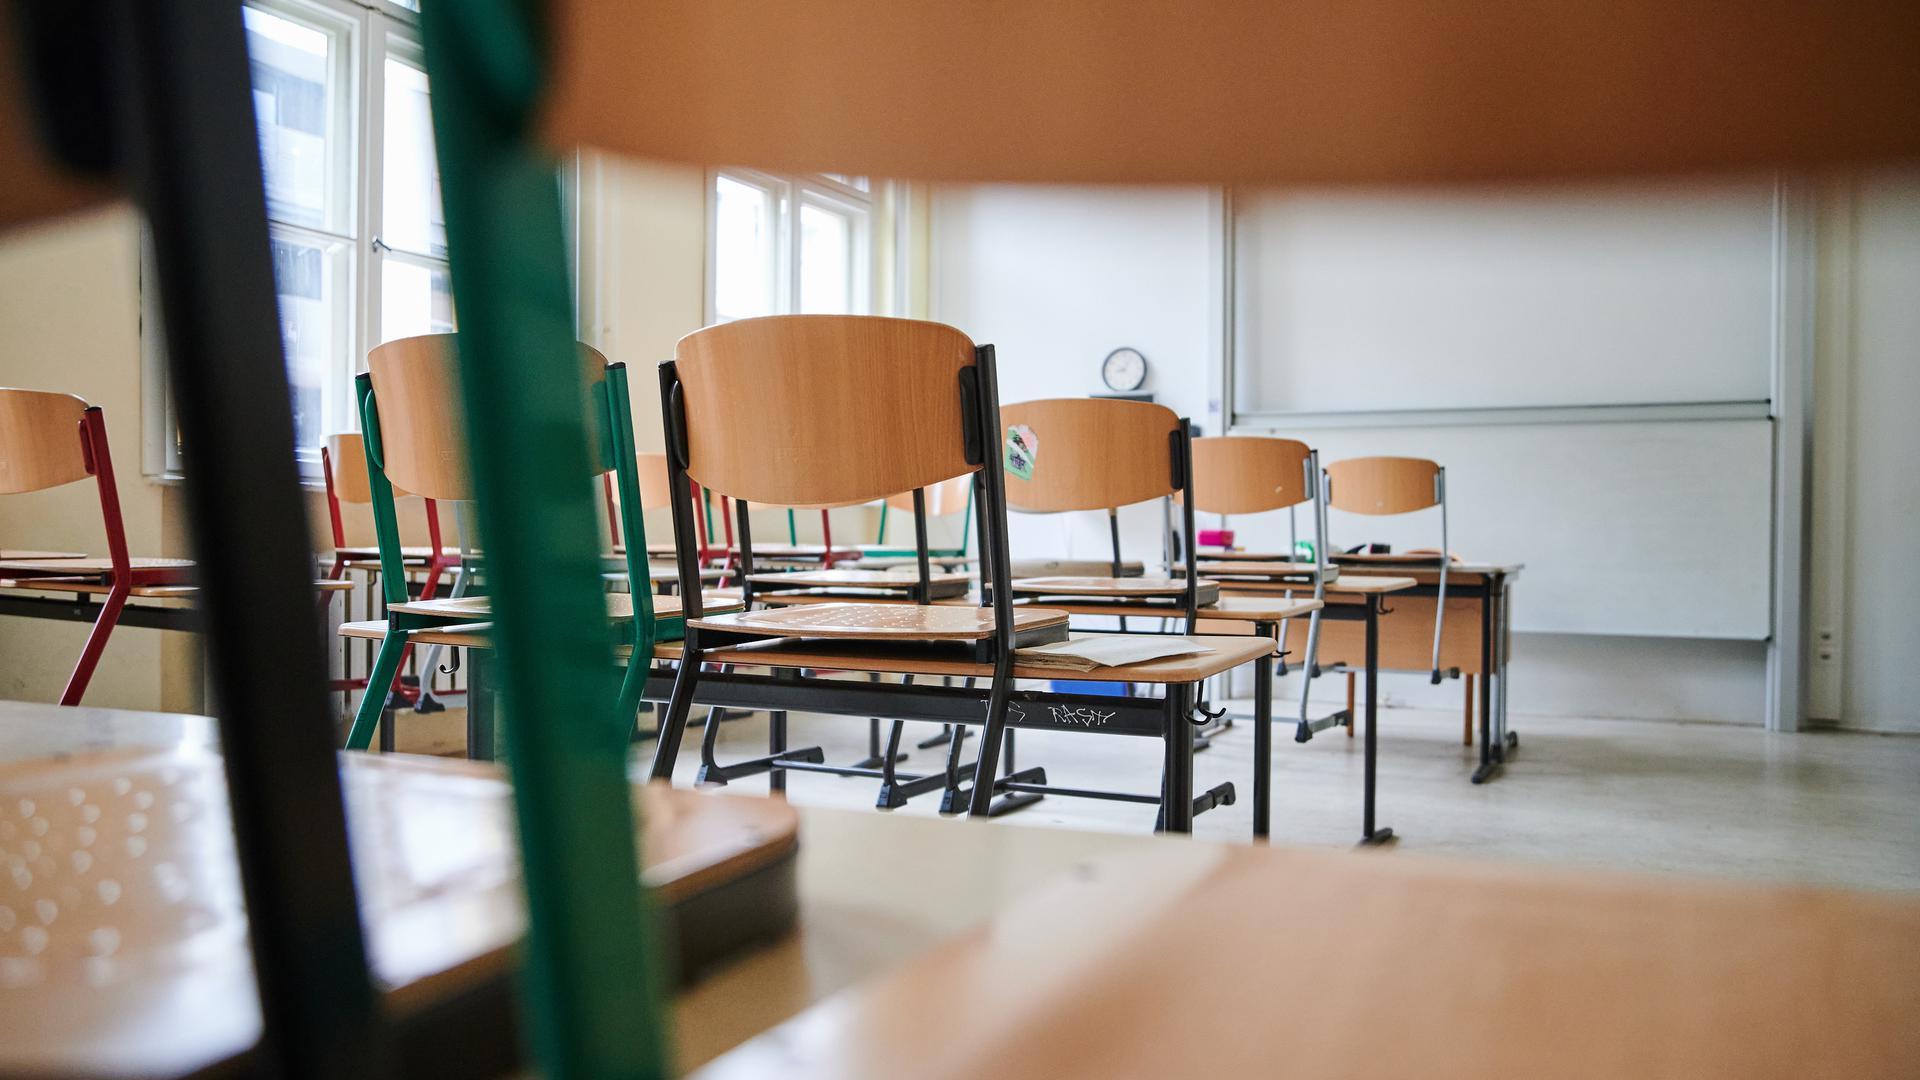 Ein leeres Klassenzimmer einer Schule.